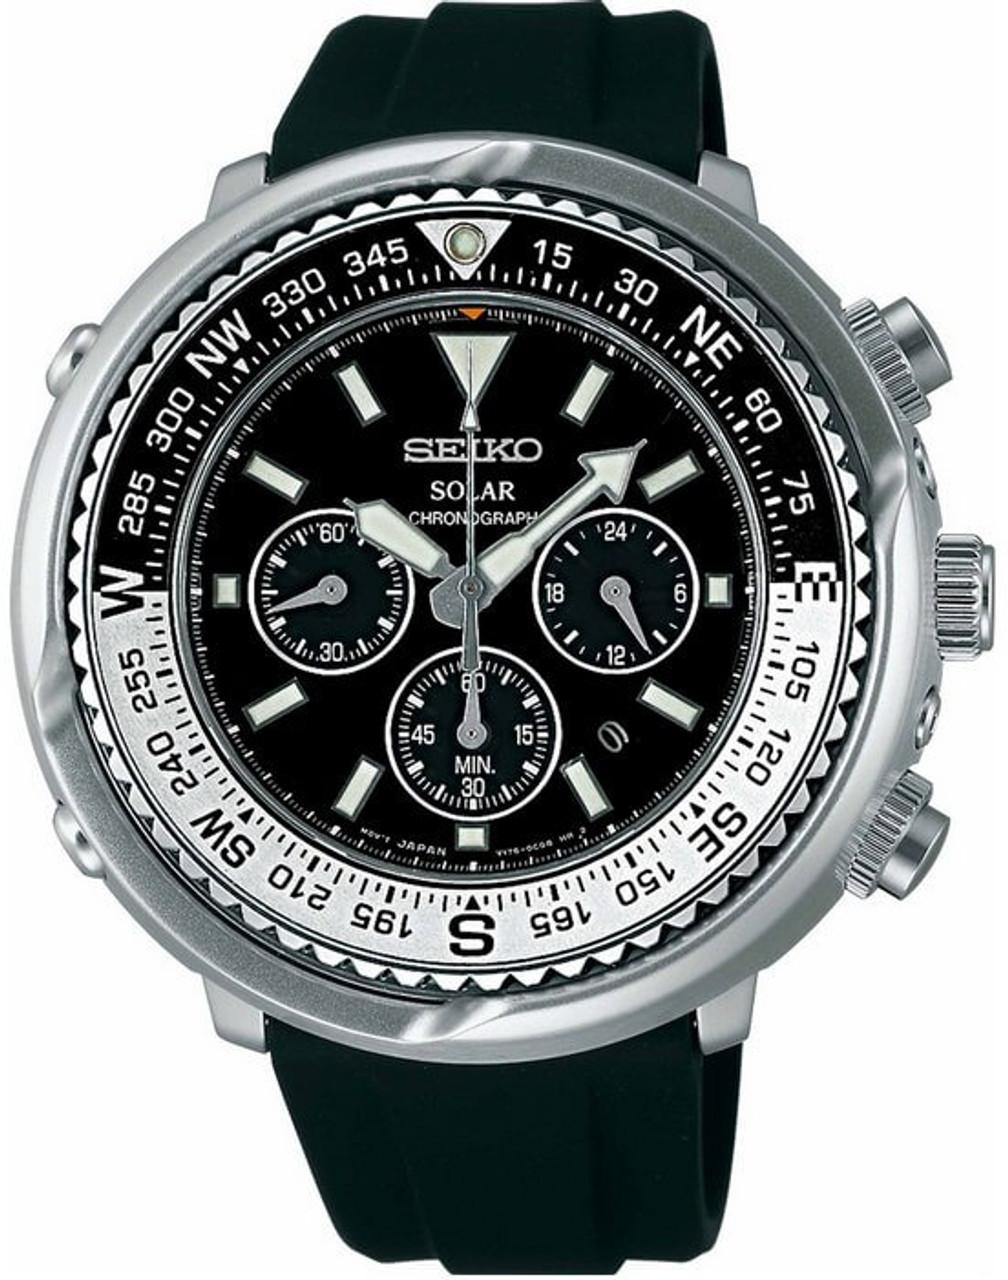 Seiko Prospex Solar Chronograph